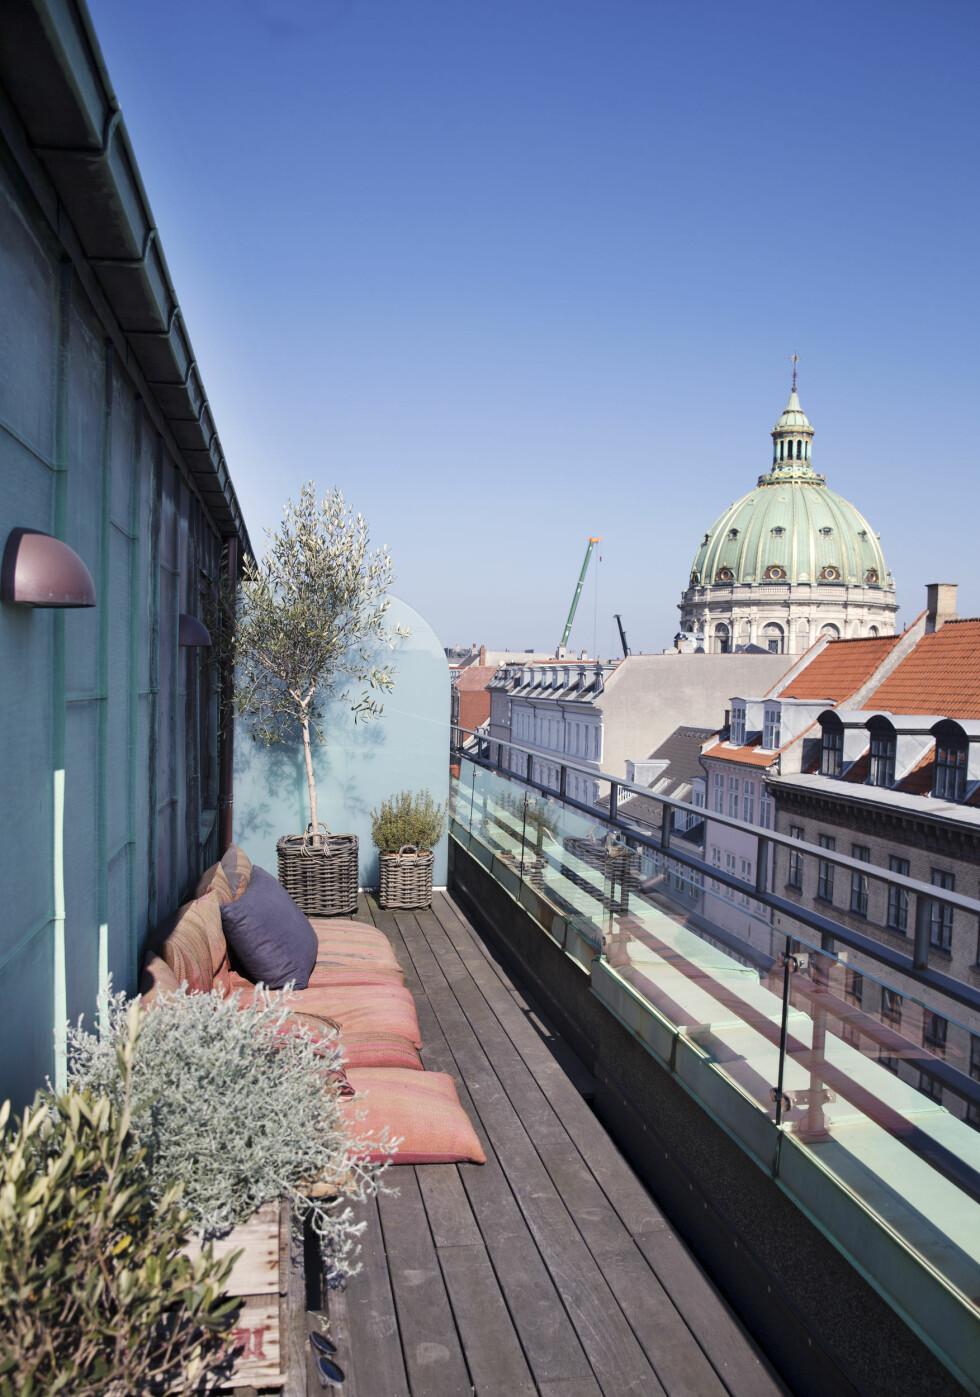 <strong>UTELIV:</strong> På balkongen er det lounge-stemning og vakker utsikt mot Marmorkirken. Foto: Yvonne Wilhelmsen